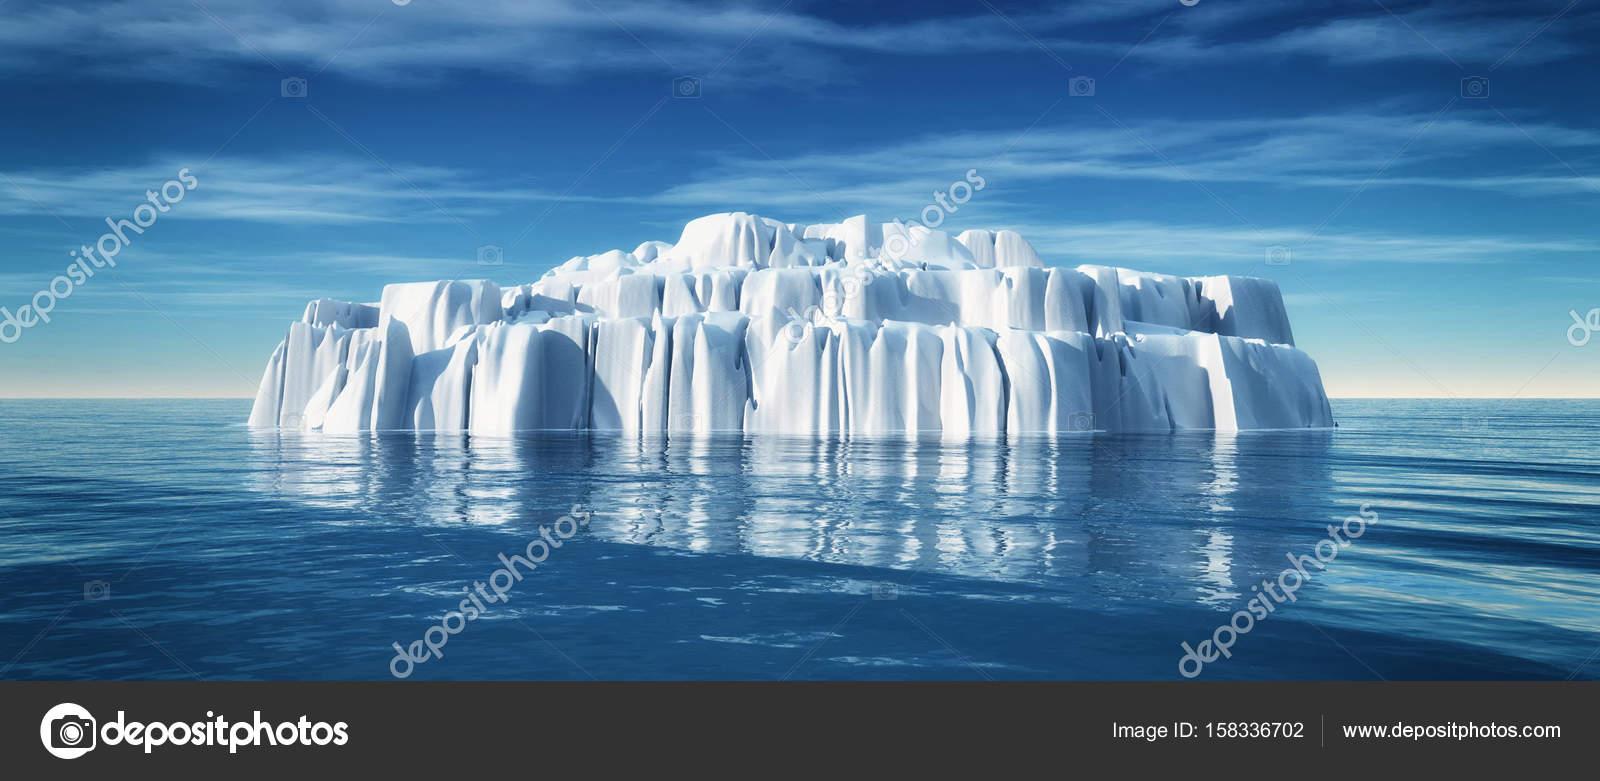 icebergs underwater view www pixshark com images iceberg clip art images iceberg clip art images